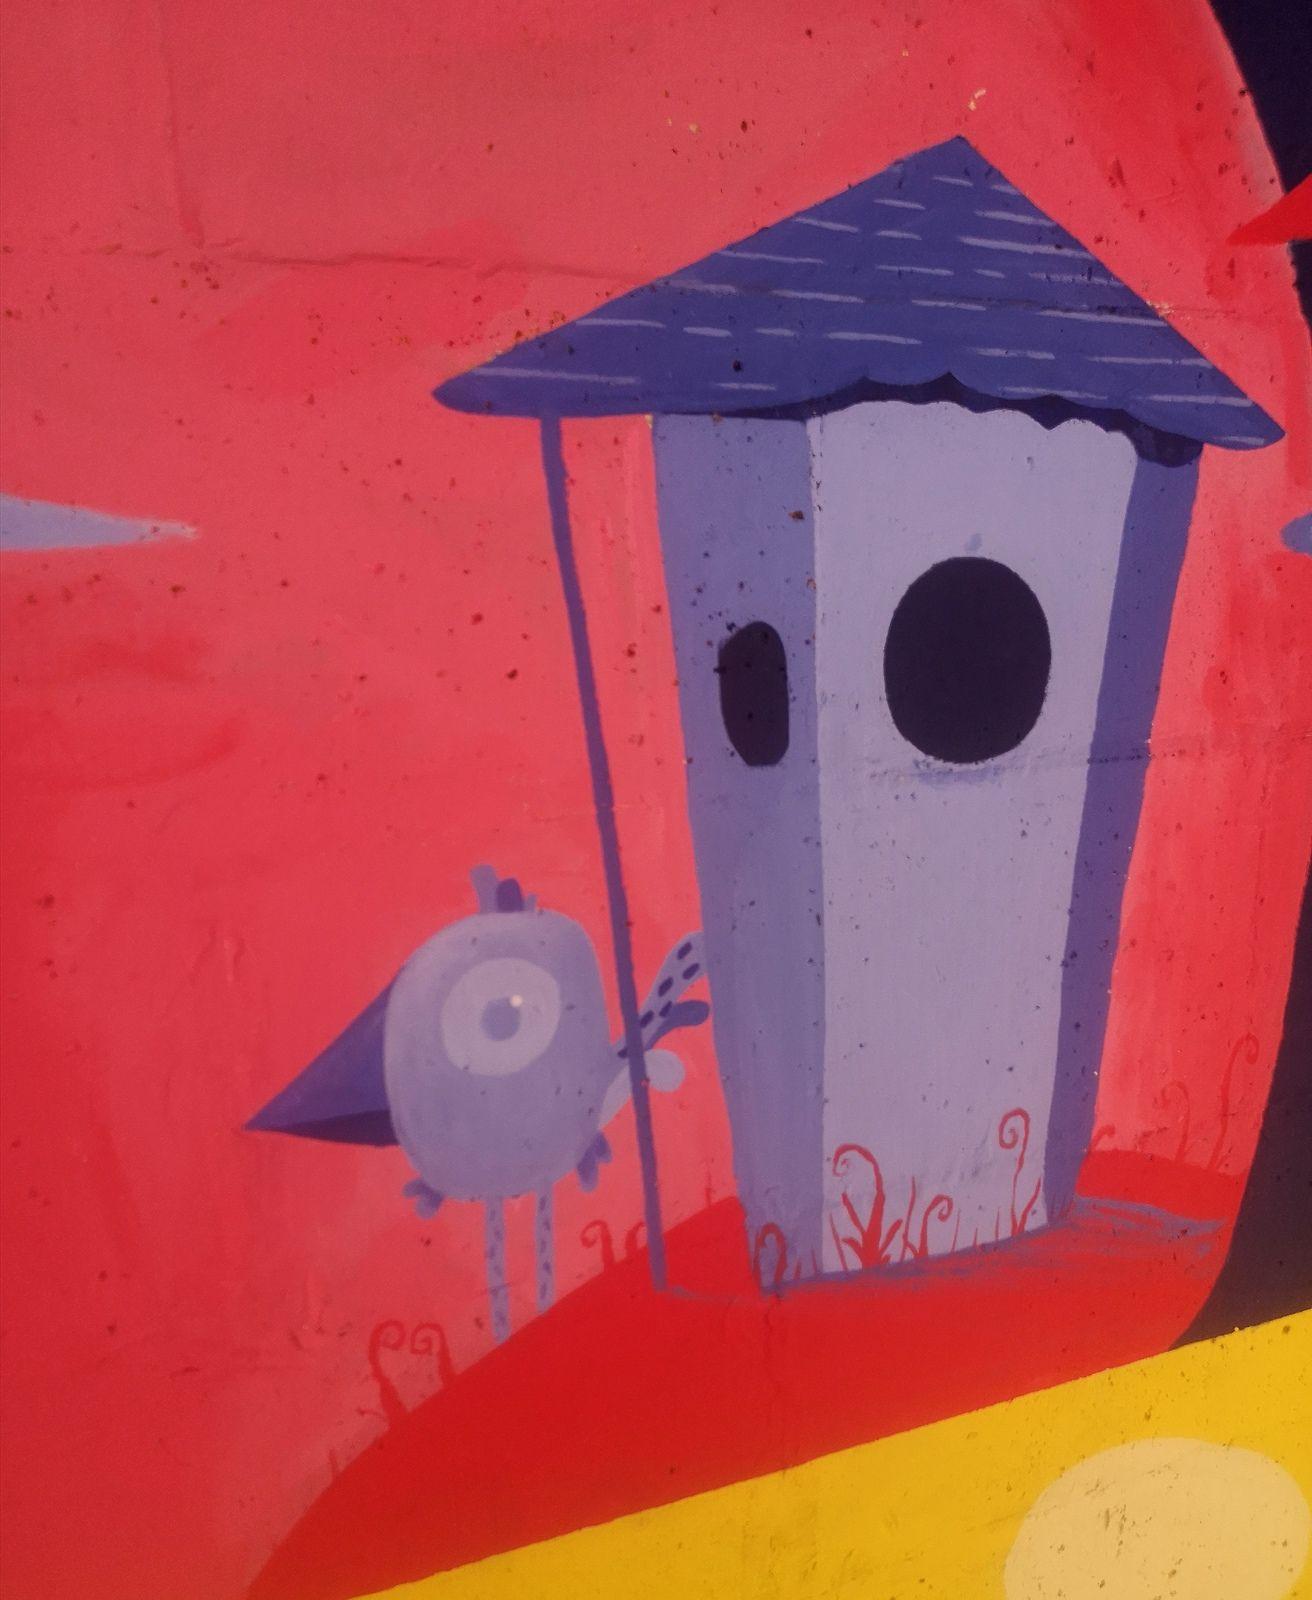 Street art dans le quartier des olivettes à Nantes